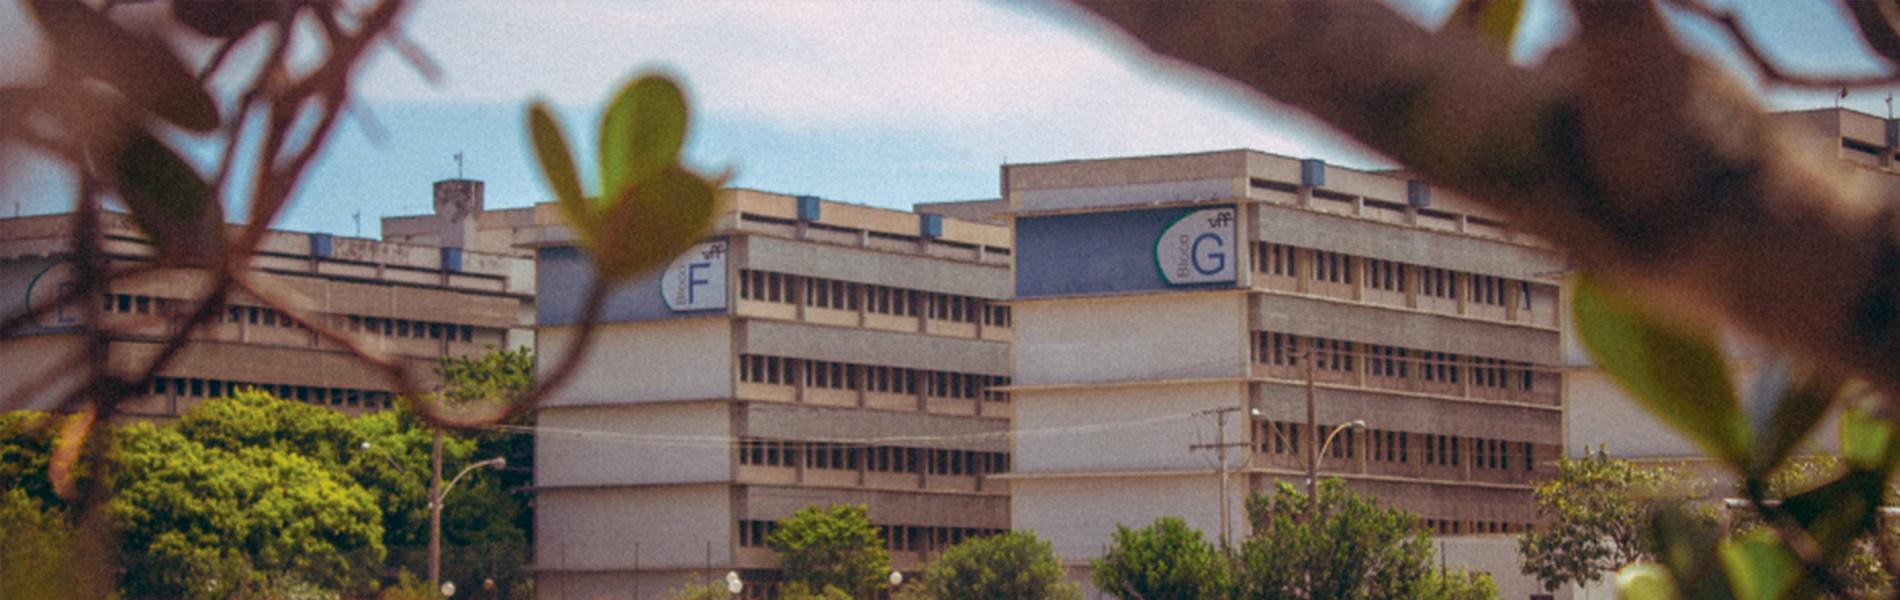 Foto de prédio localizado no Campus do Gragoatá da UFF